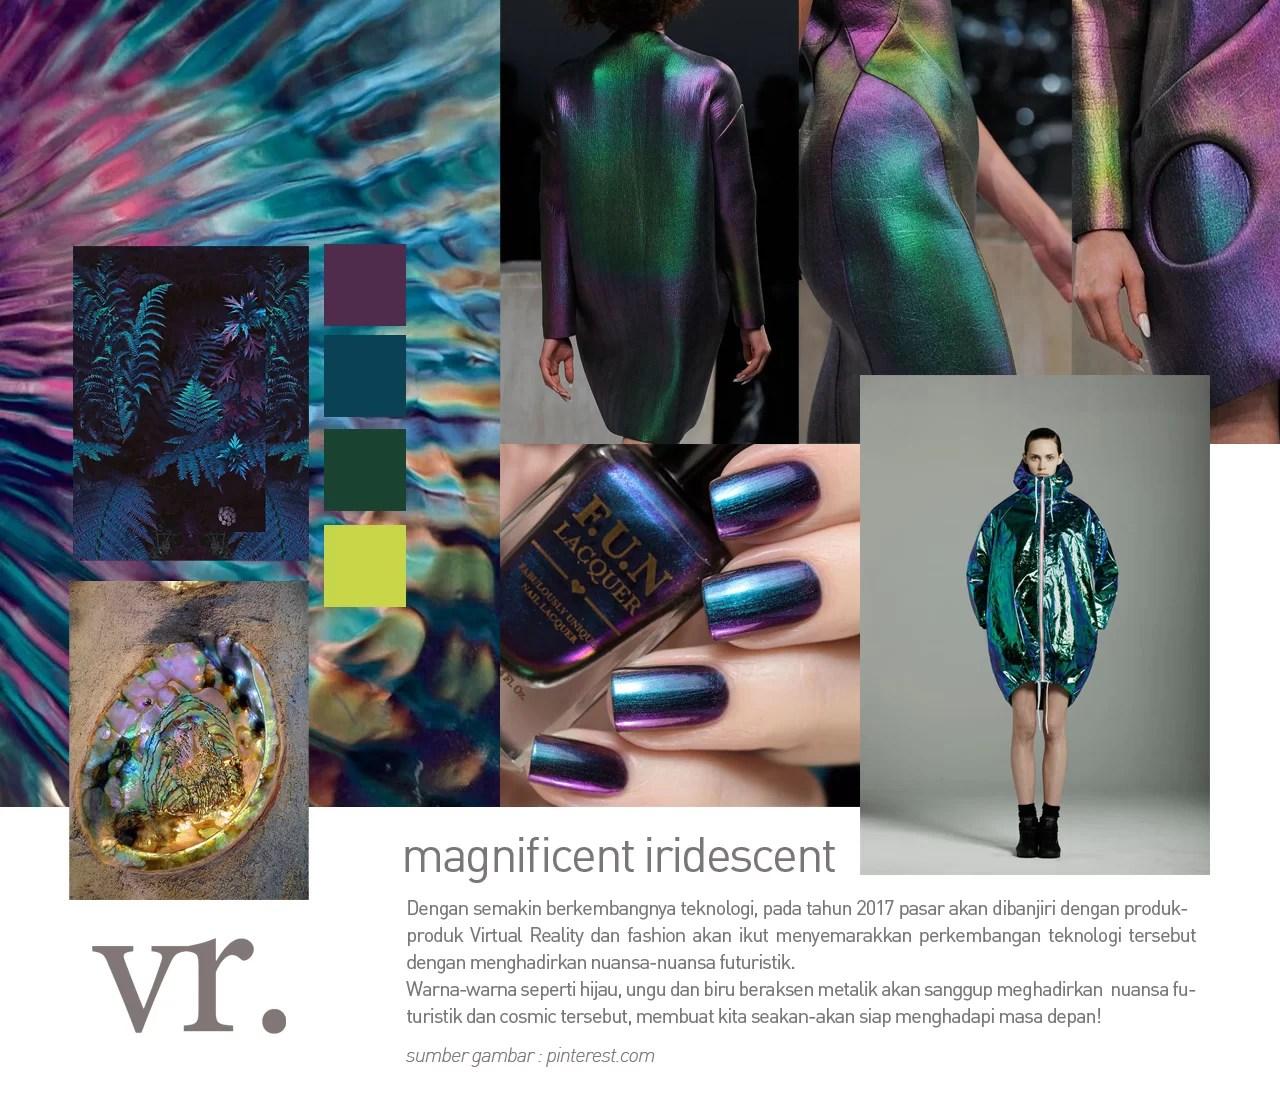 Trend 2017 : Magnificent Iridescent